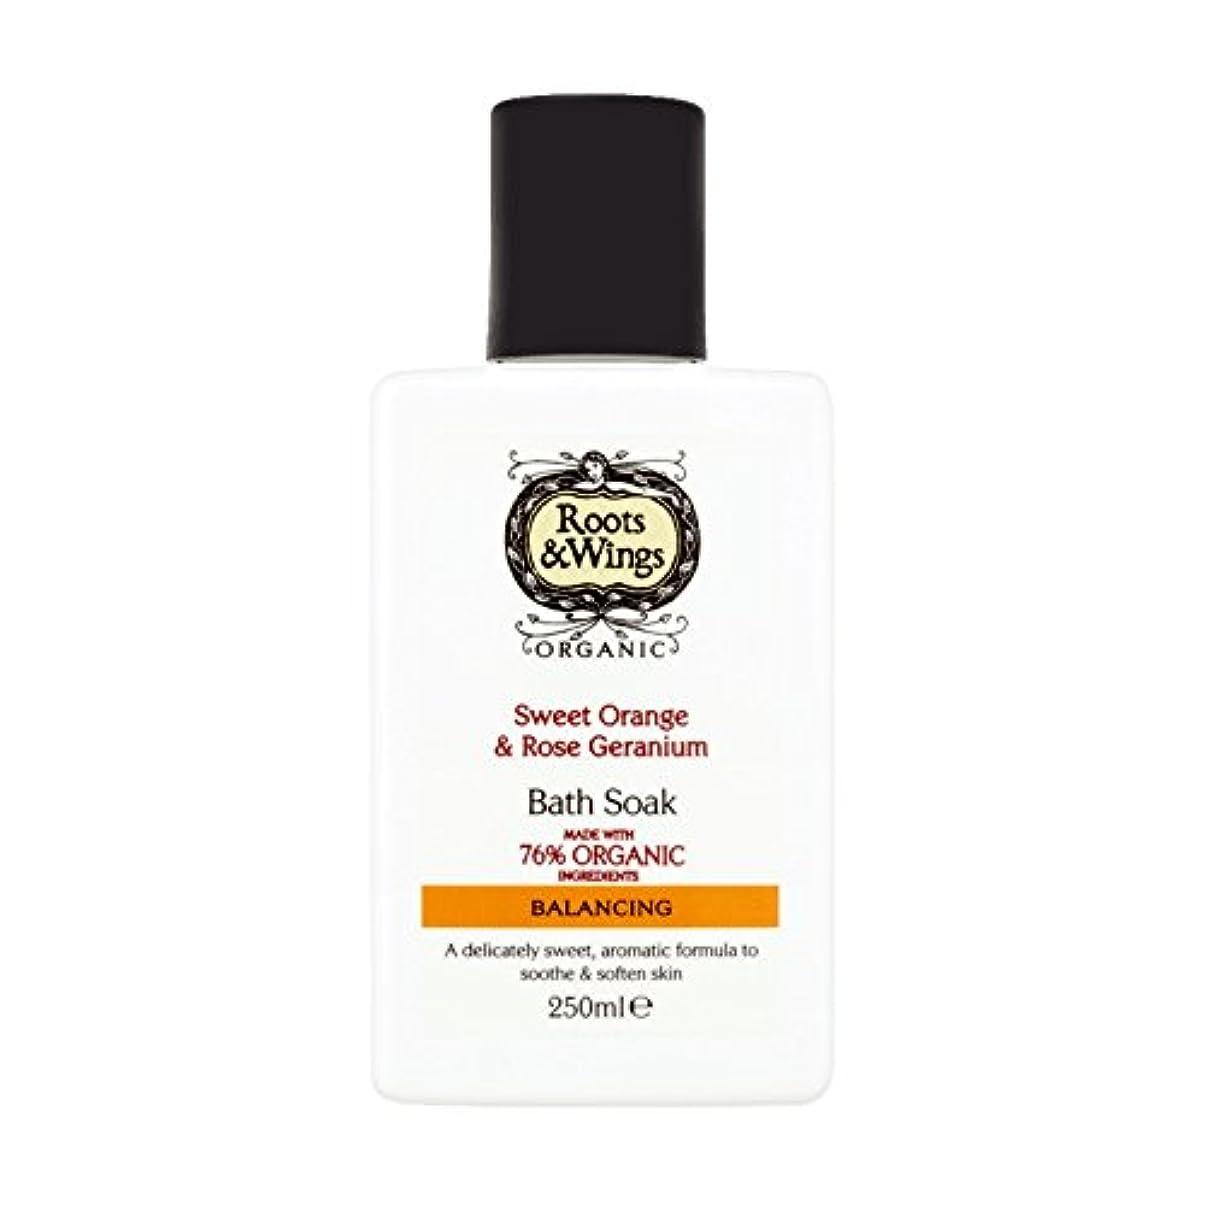 マークされた集計パキスタンRoots & Wings Bath Soak Sweet Orange & Rose Geranium 250ml (Pack of 6) - ルーツ&翼バス甘いオレンジを浸し&ゼラニウム250ミリリットルをバラ (x6) [並行輸入品]